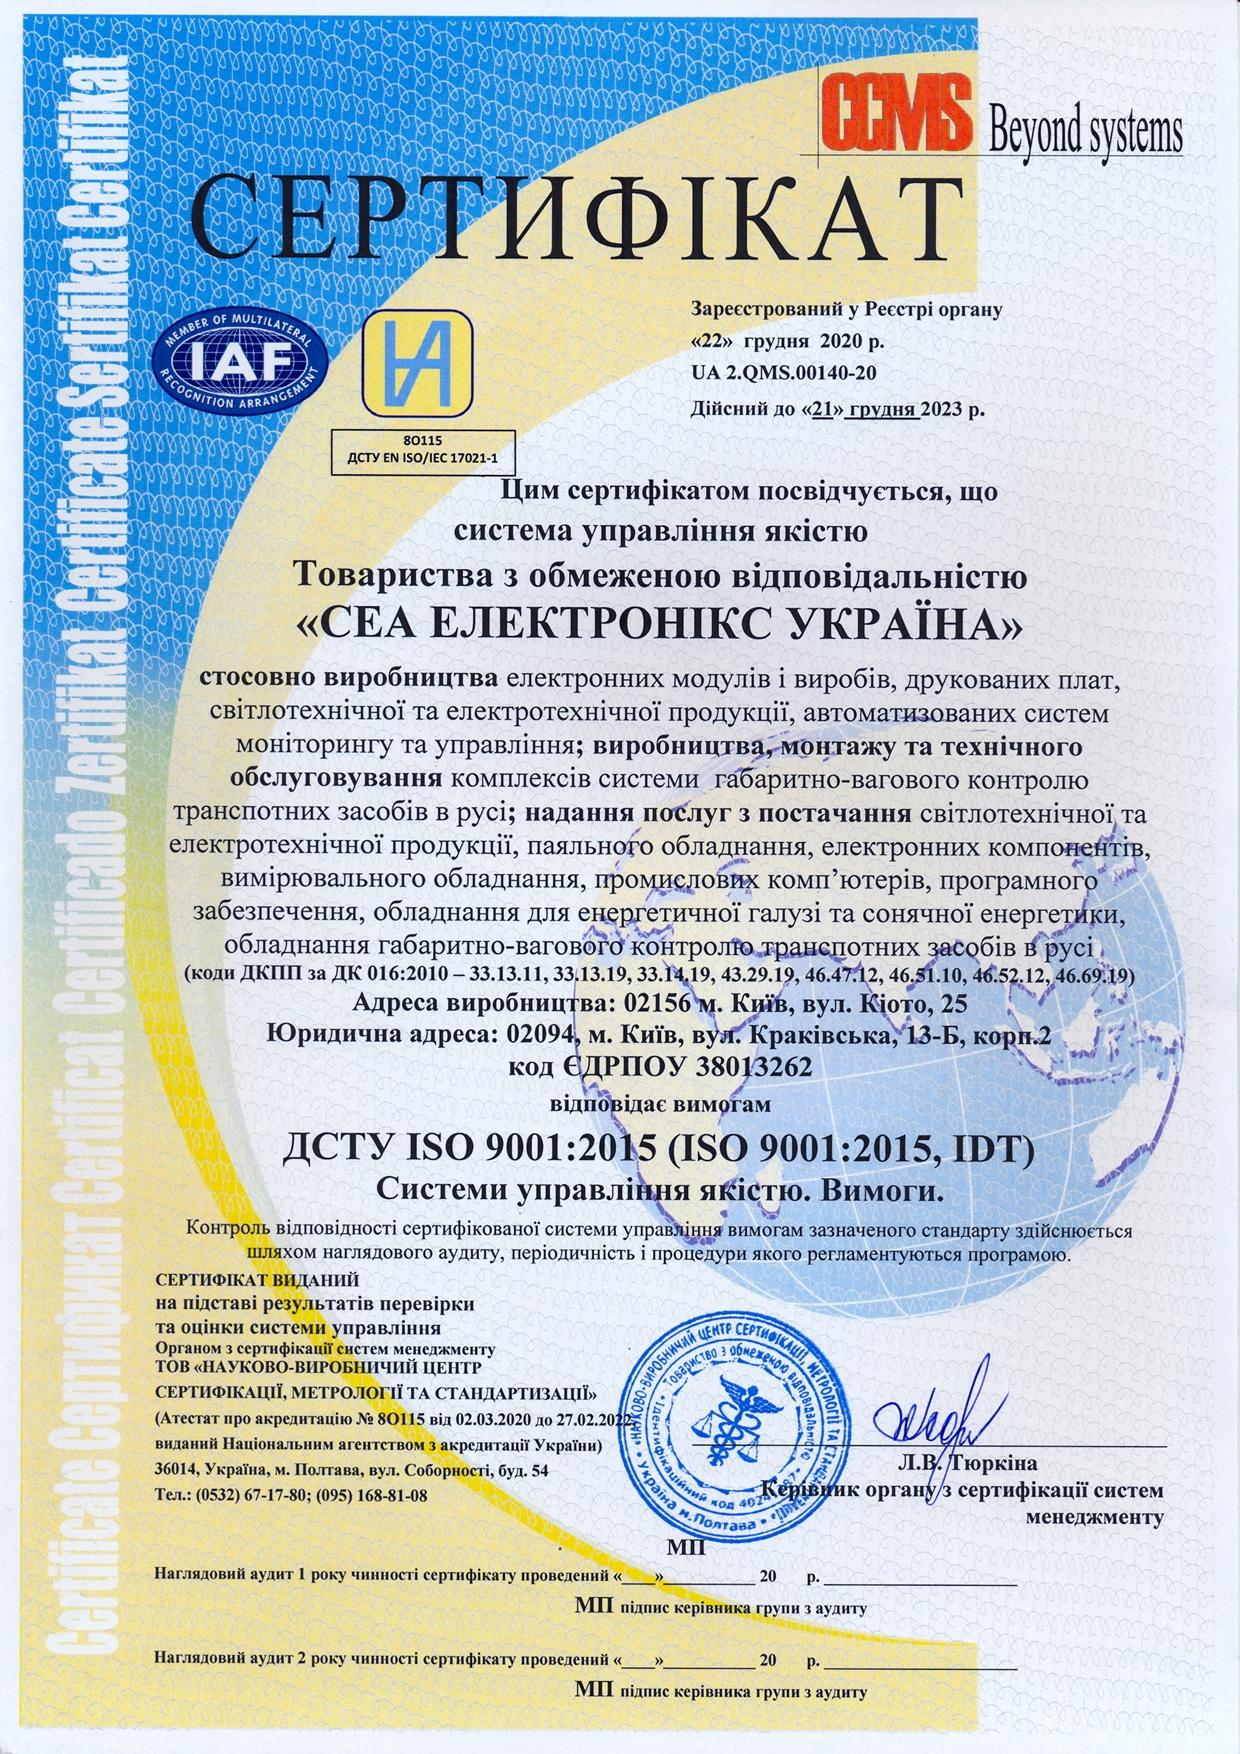 Контрактне виробництво, постачання продукції і монтаж обладнання Компанією СЕА відповідає вимогам ISO 9001:2015